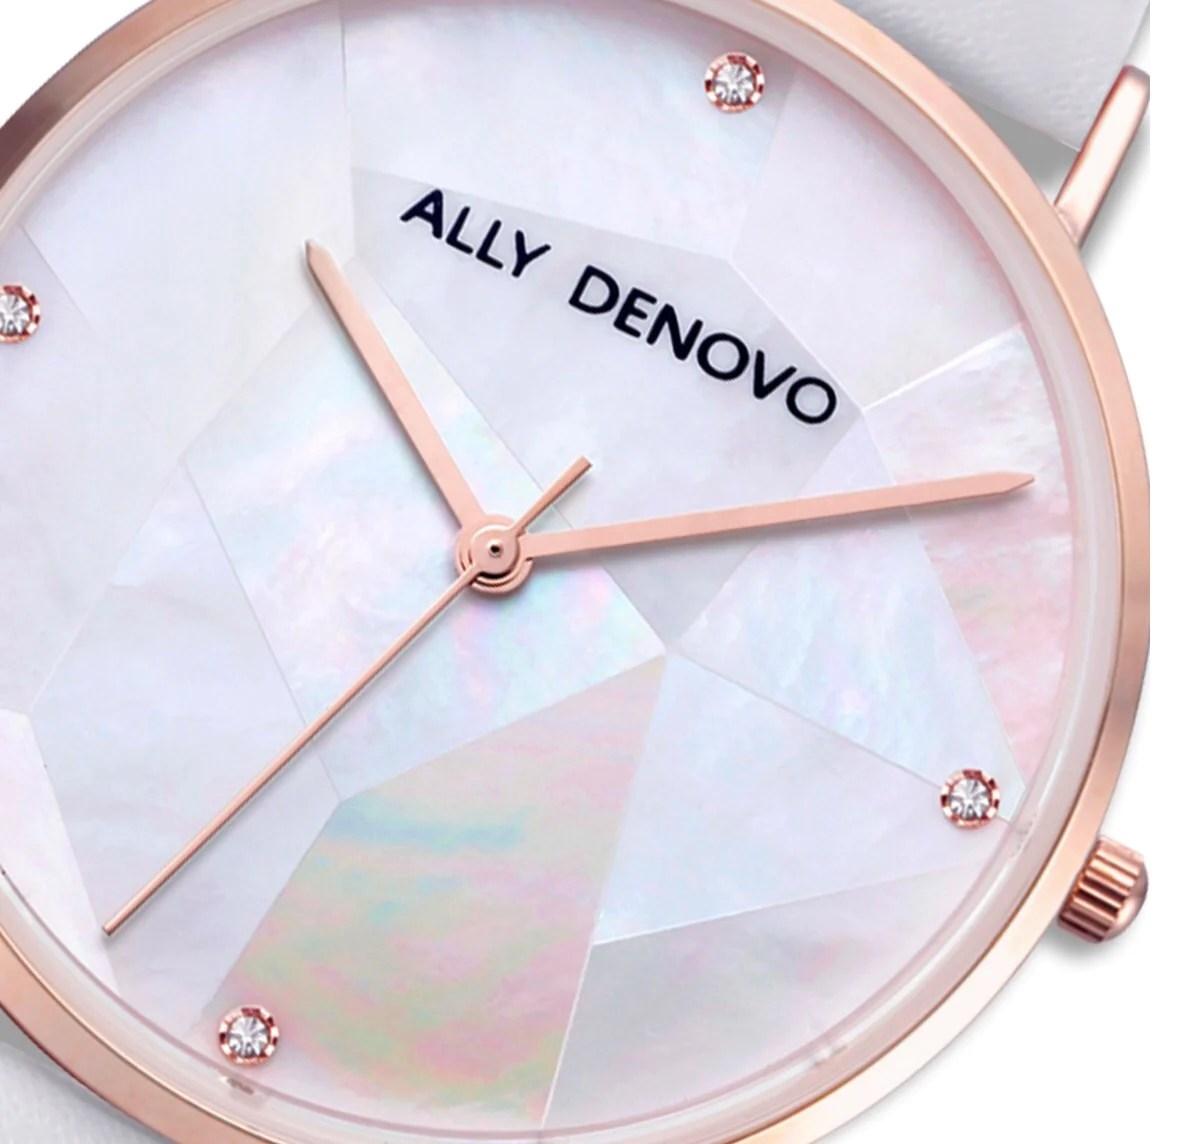 Gaia pearl皮革腕錶-白色菱形琉璃玫瑰金框白色真皮錶帶 AF5003.10 – ALLY DENOVO 中文官方網站